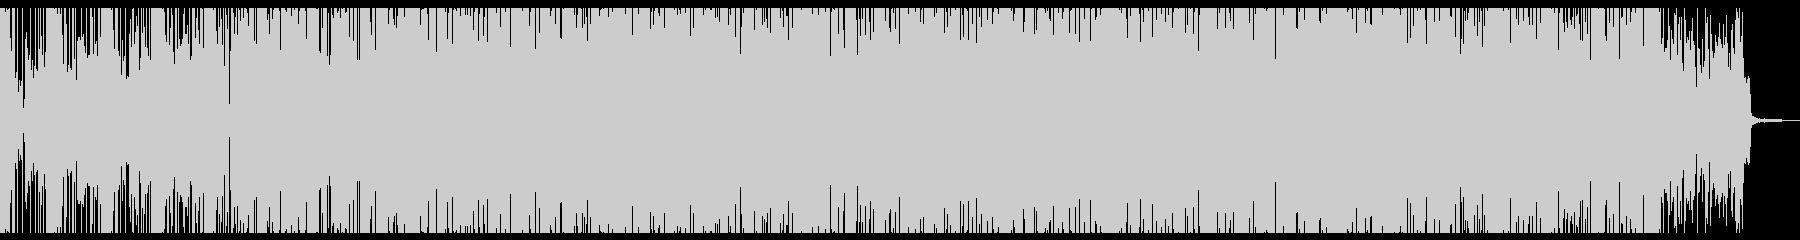 ドリームでポップなエレクトロニカの未再生の波形